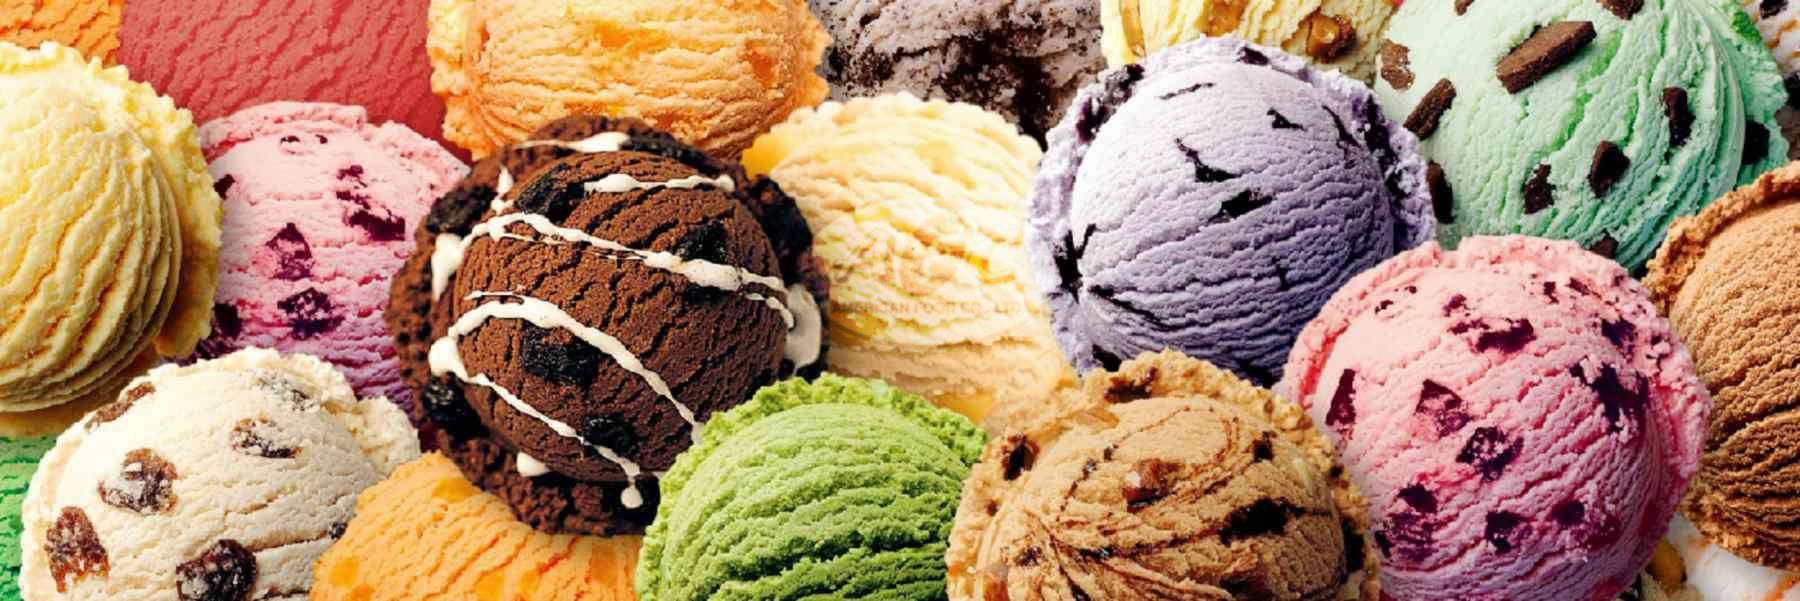 feebbo estudio de mercado sobre helados blog encuestas online